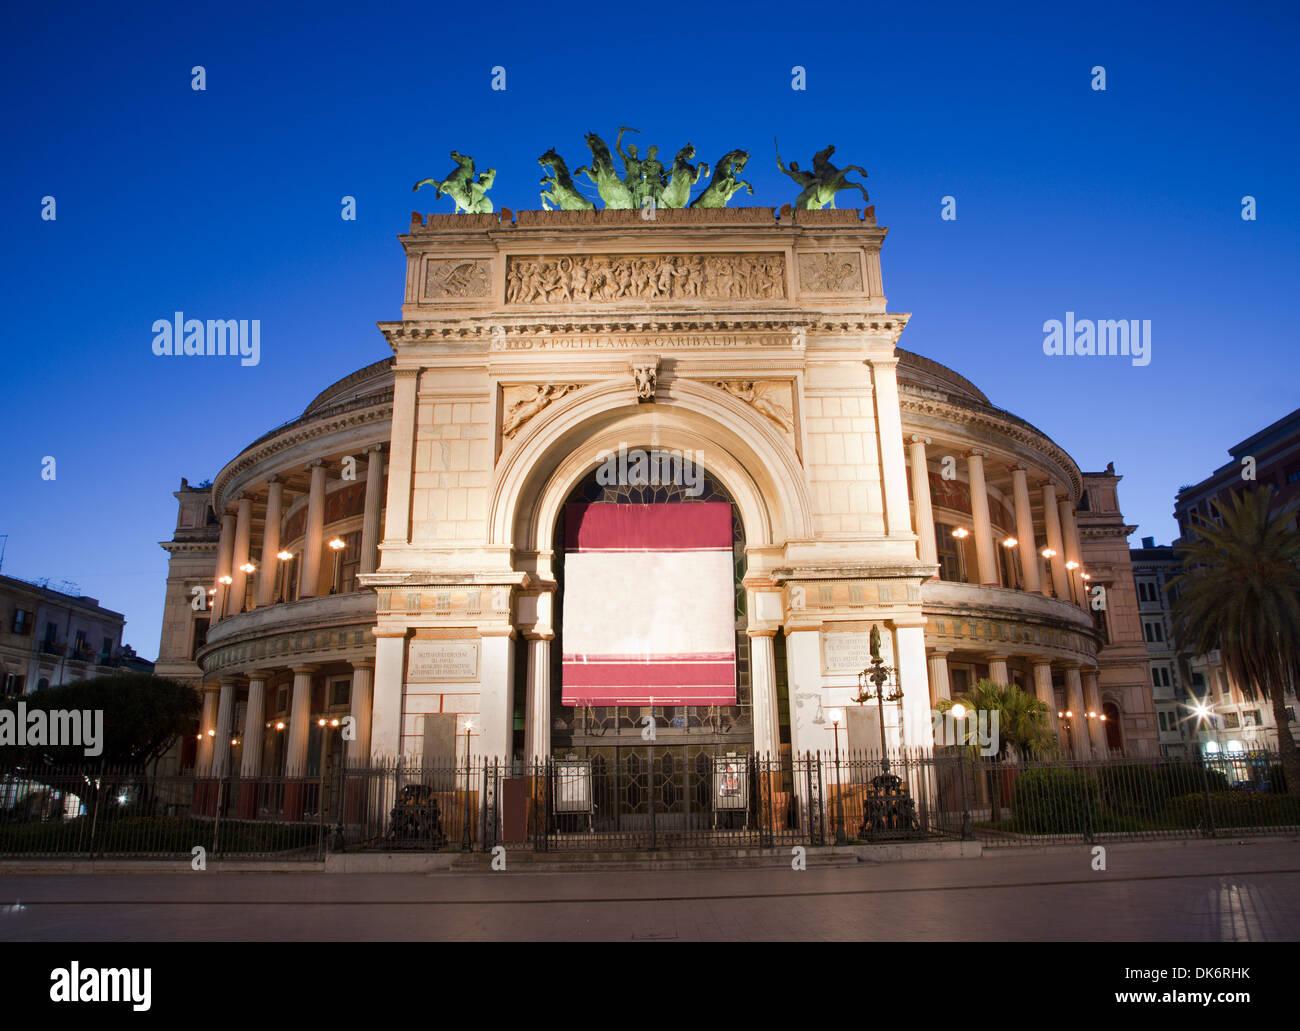 Palermo - Teatro Politeama Garibaldi in dusk Stock Photo